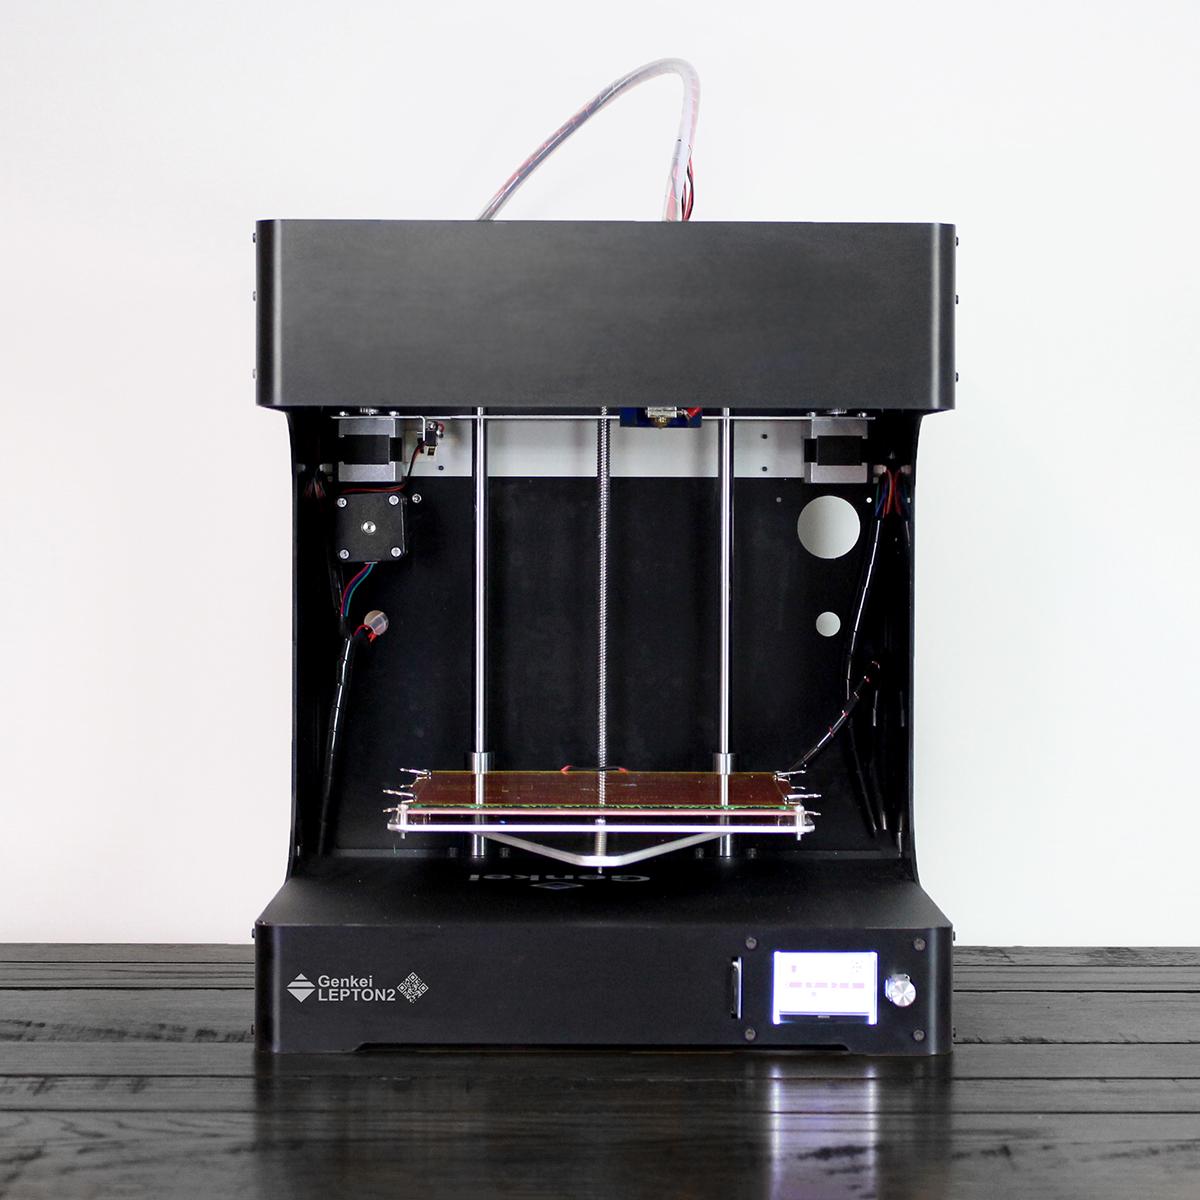 Lepton2 3Dプリンターの販売を、本日2016年11月16日から開始いたします。